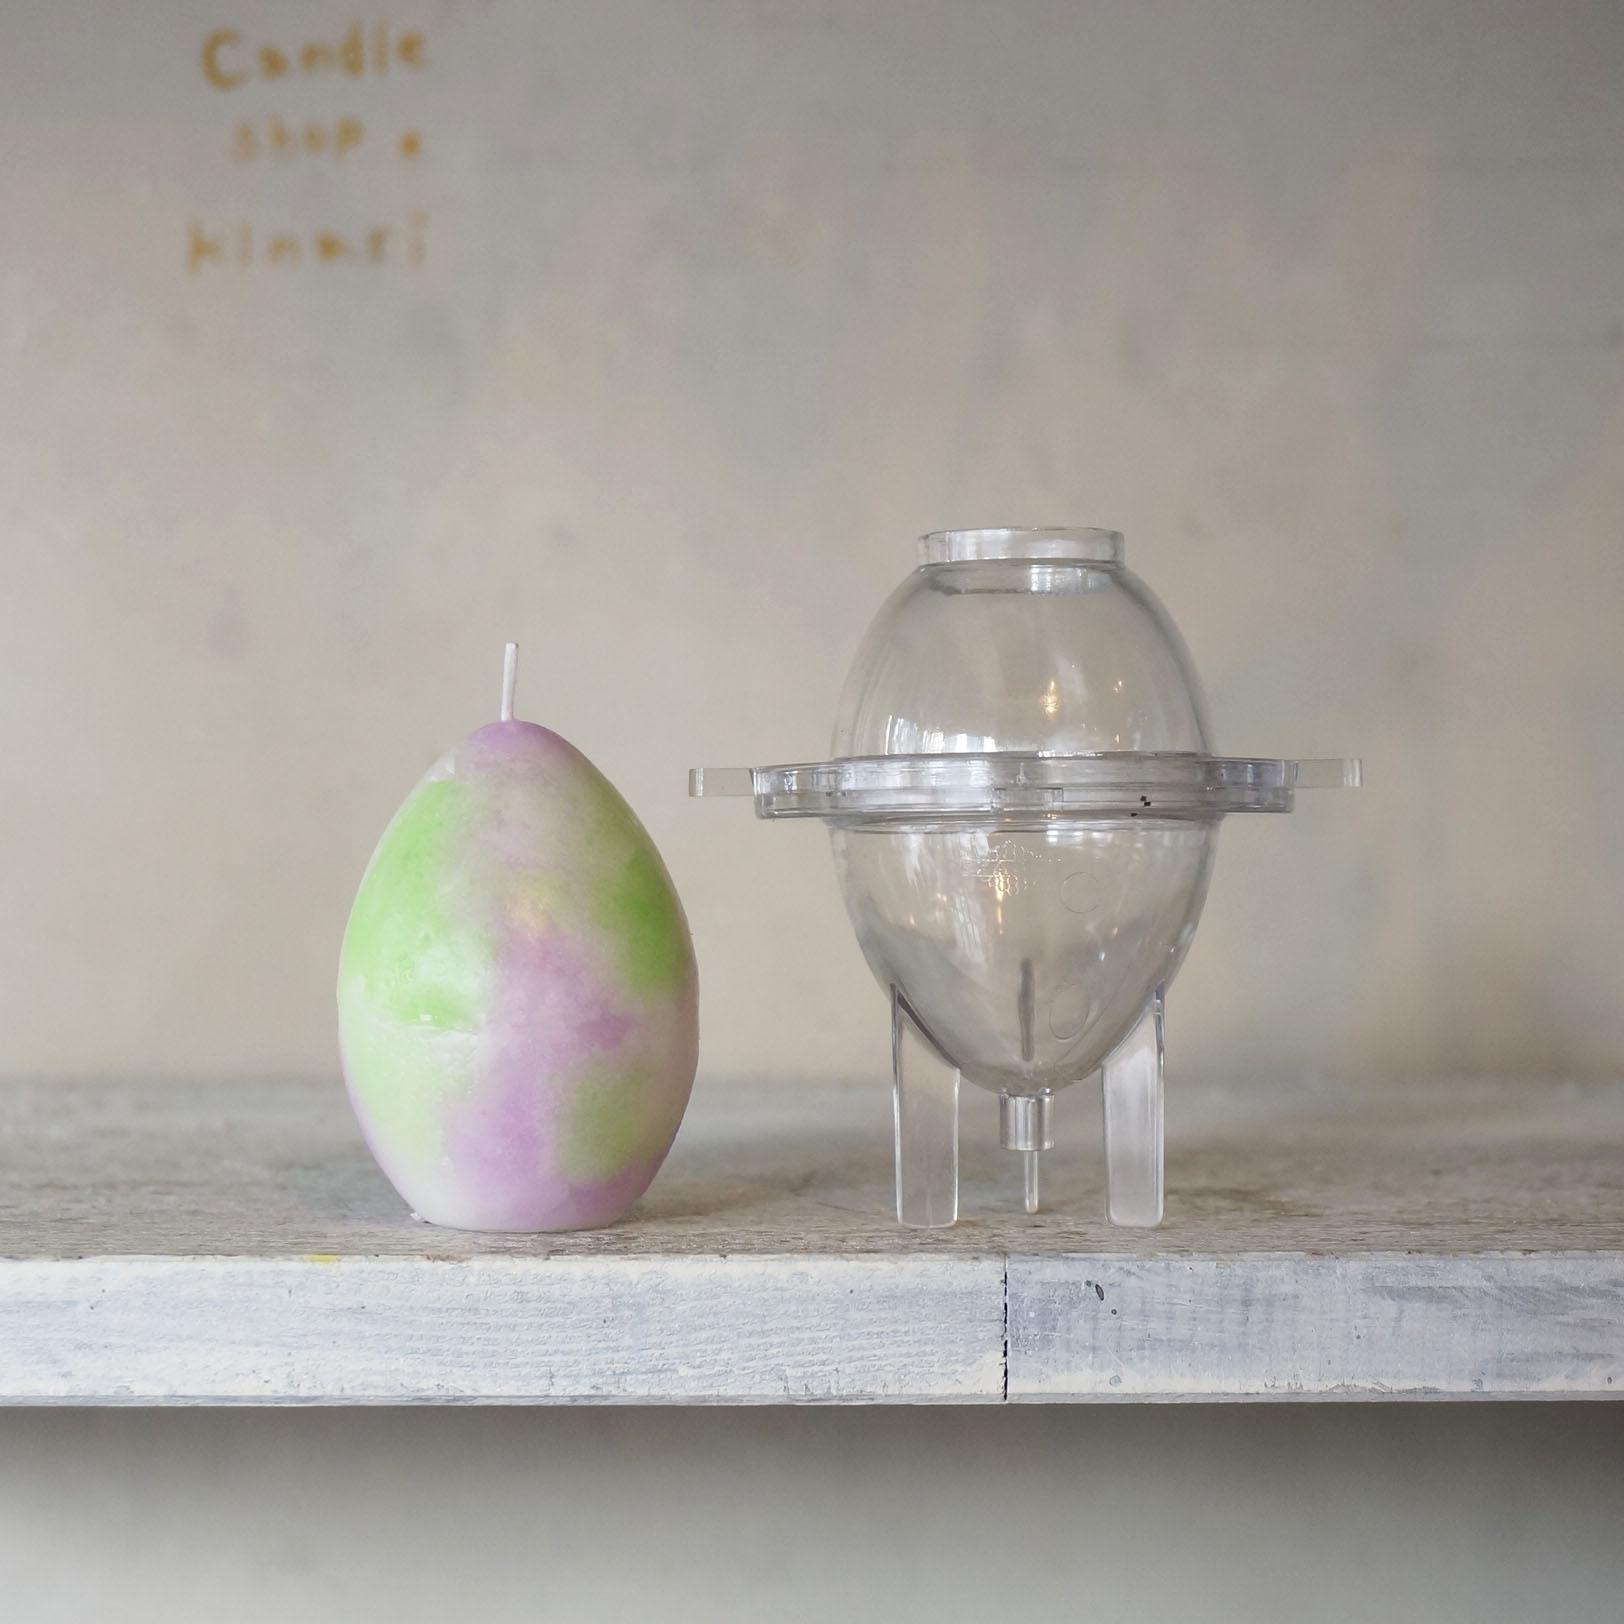 モールド(ポリカーボネイド型)卵 高さ6.5cmx直径4.7cm